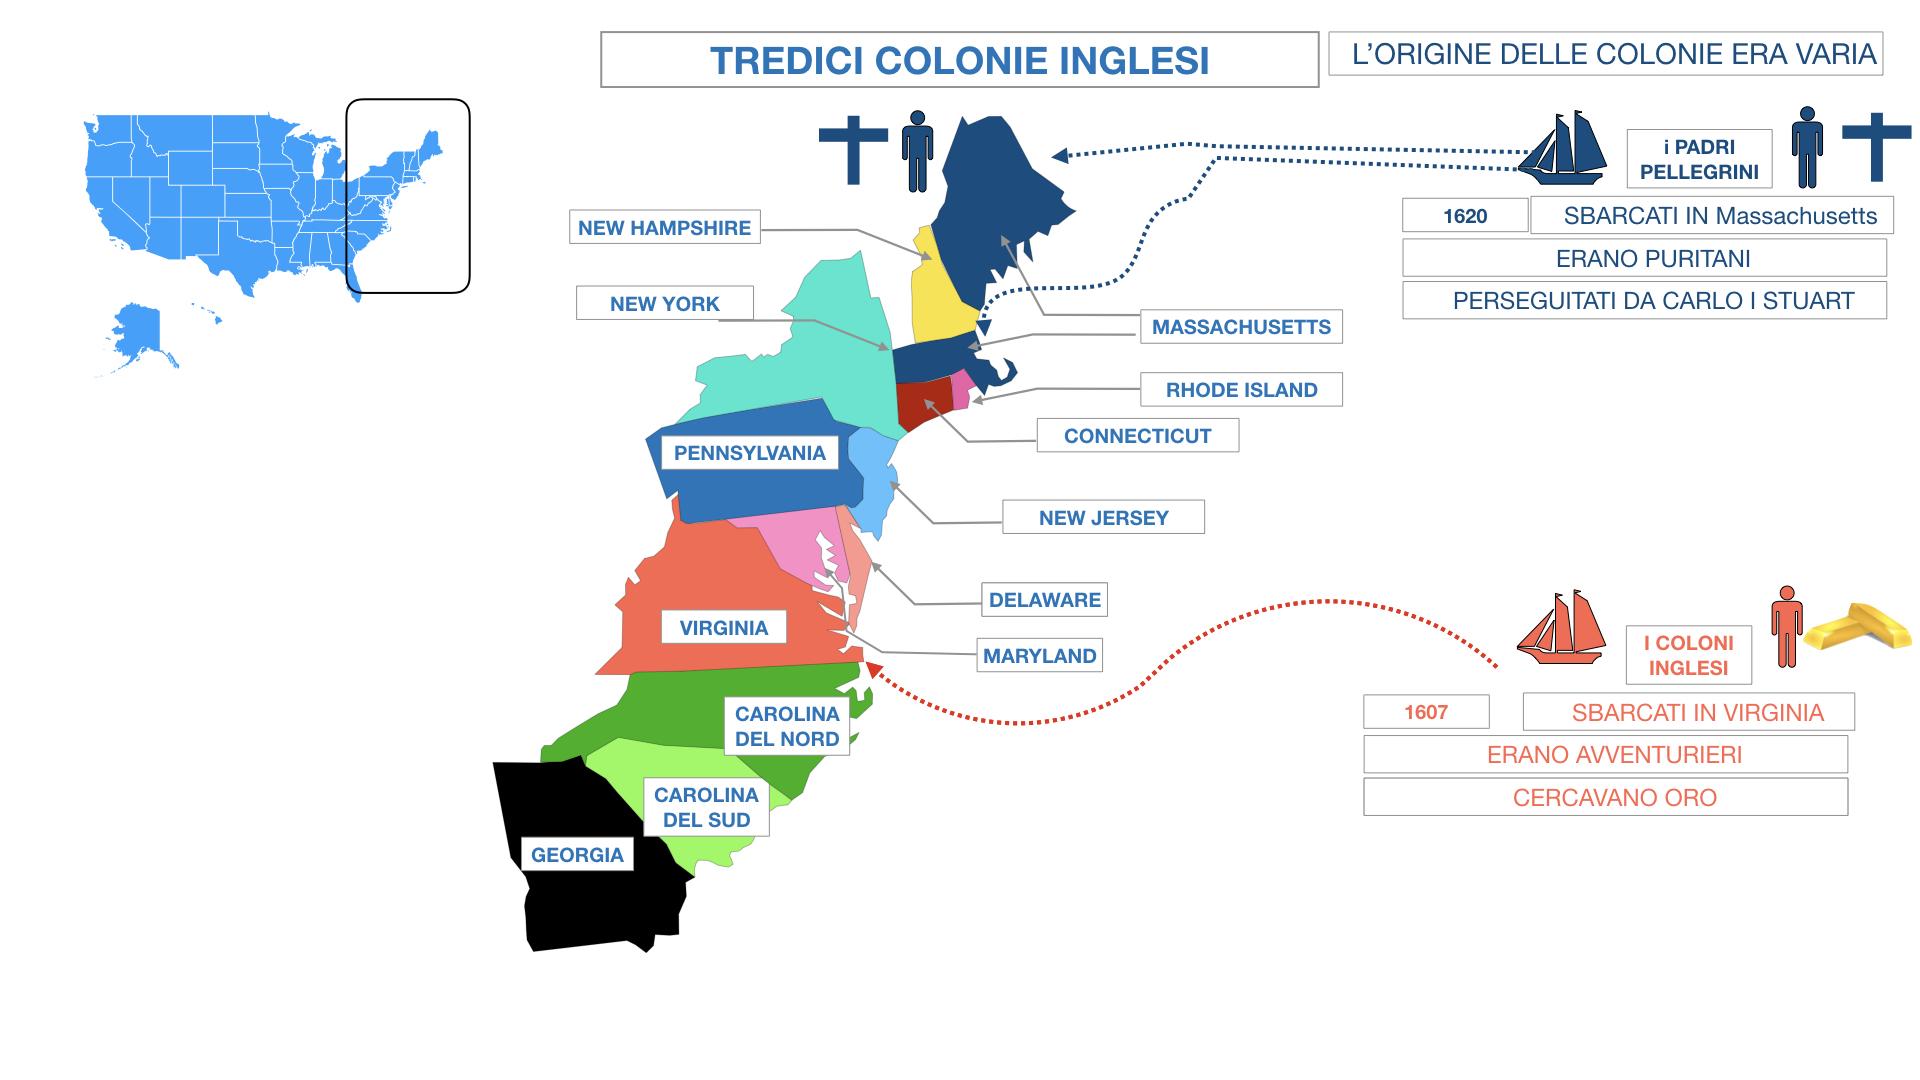 AMERICA LE TREDICI COLONIE INGLESI SIMULAZIONE.050